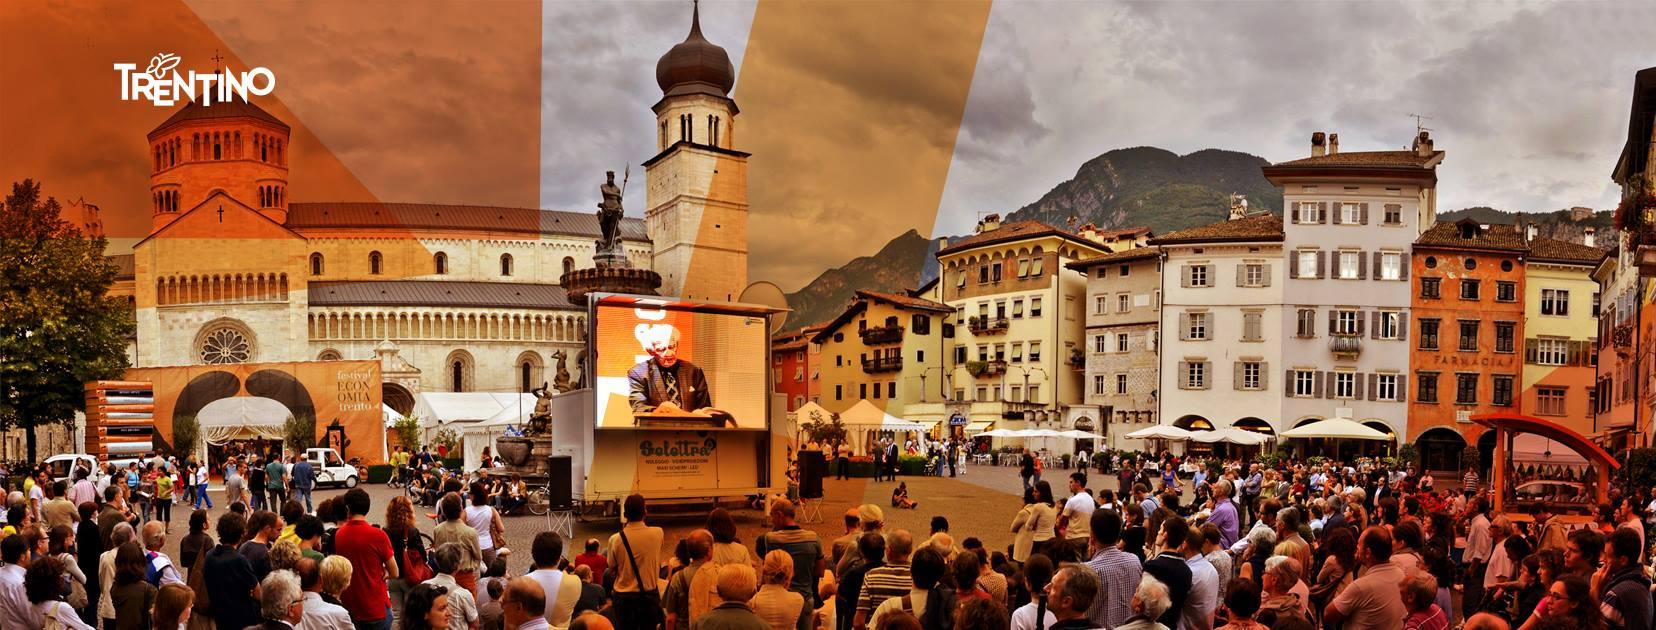 Volantino dedicato al Festival dell'Economia 2019 dalla Provincia Autonoma di Trento (immagine ufficiostampa.provincia.tn.it)